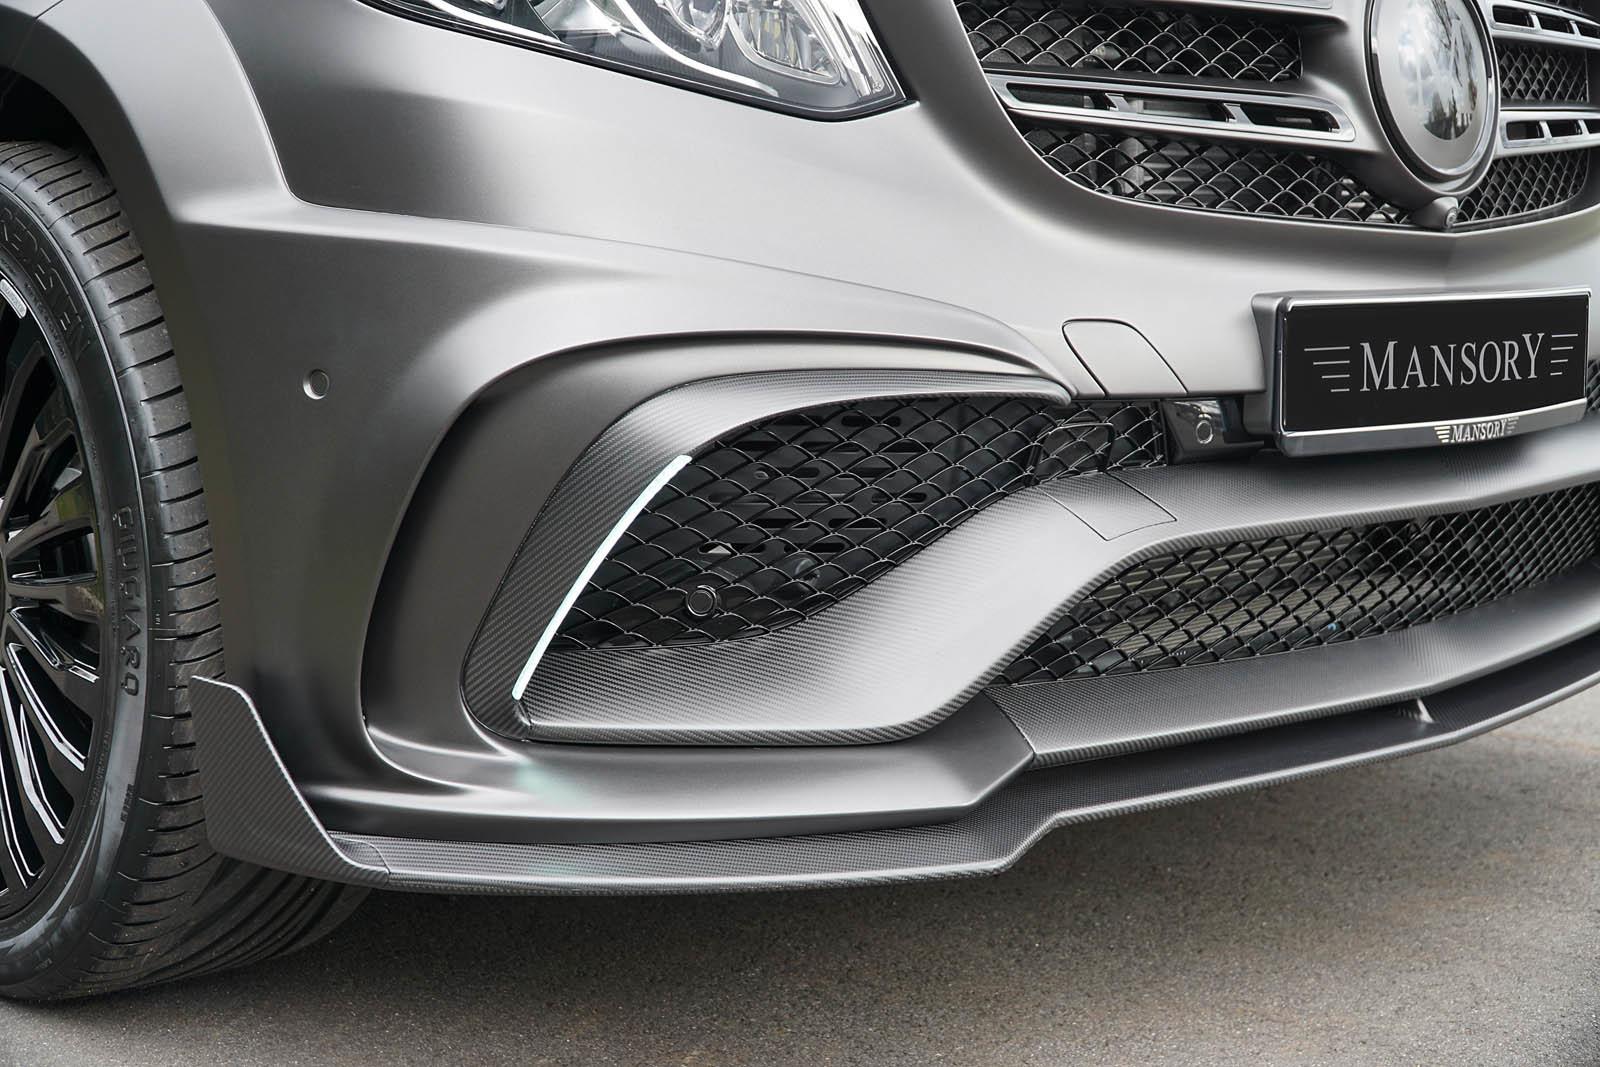 Foto de Mercedes-Benz AMG GLS 63 Mansory (1/6)